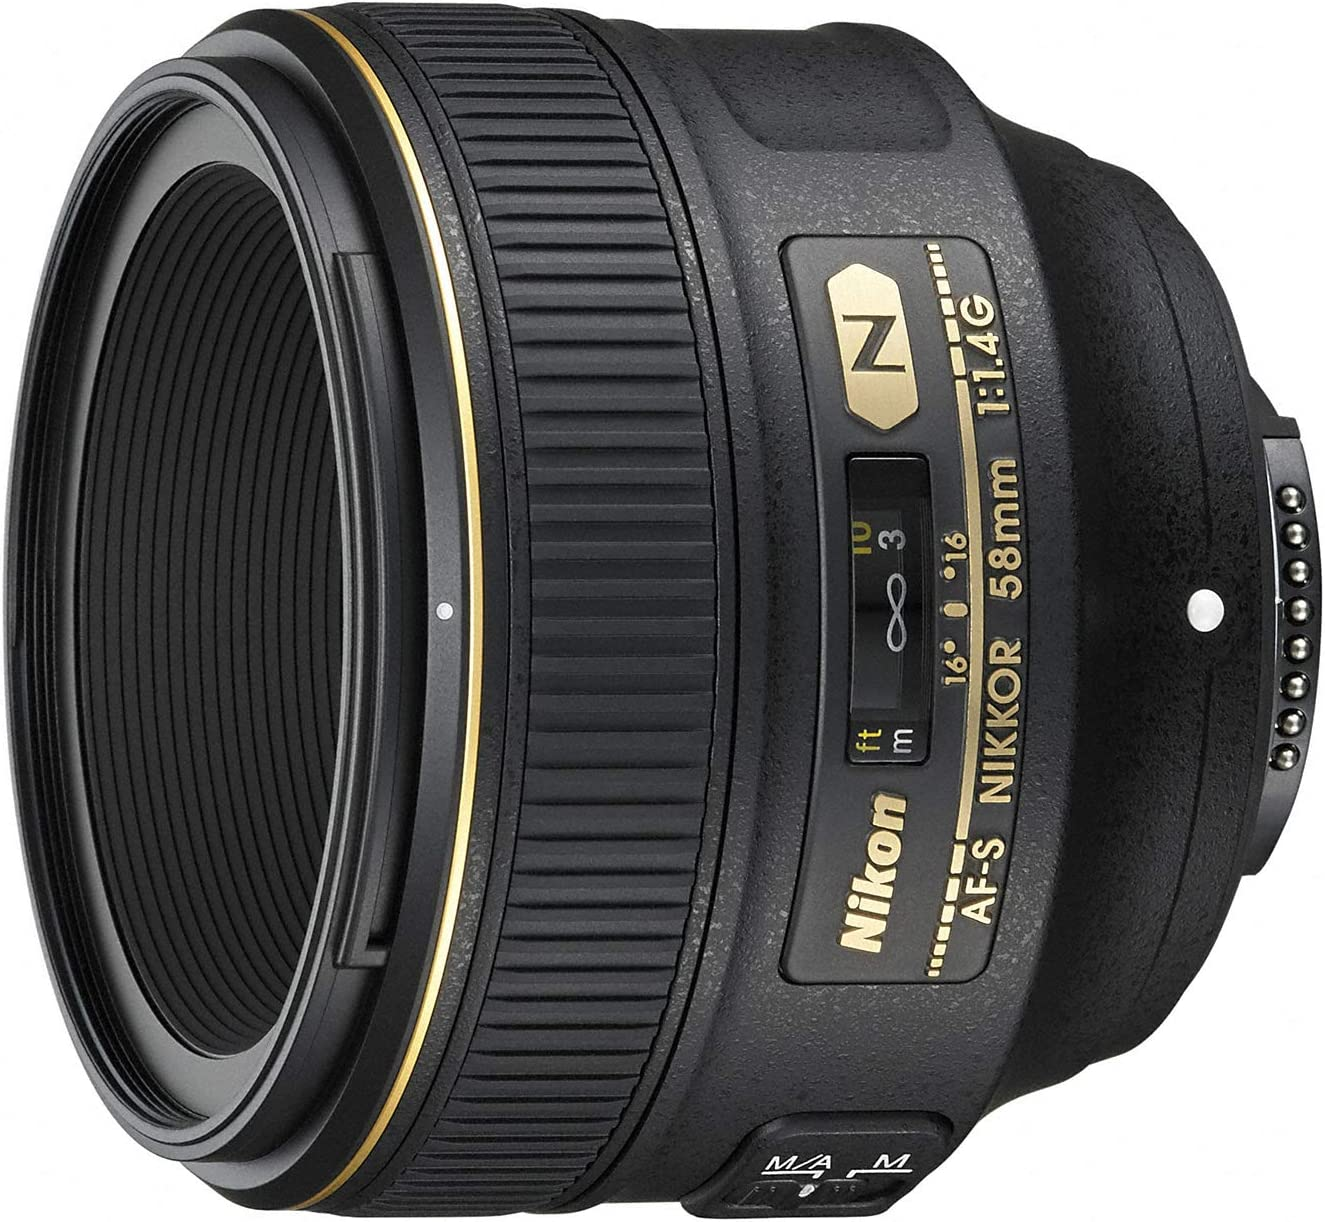 ニコン『AF-S NIKKOR 58mm f/1.4G』